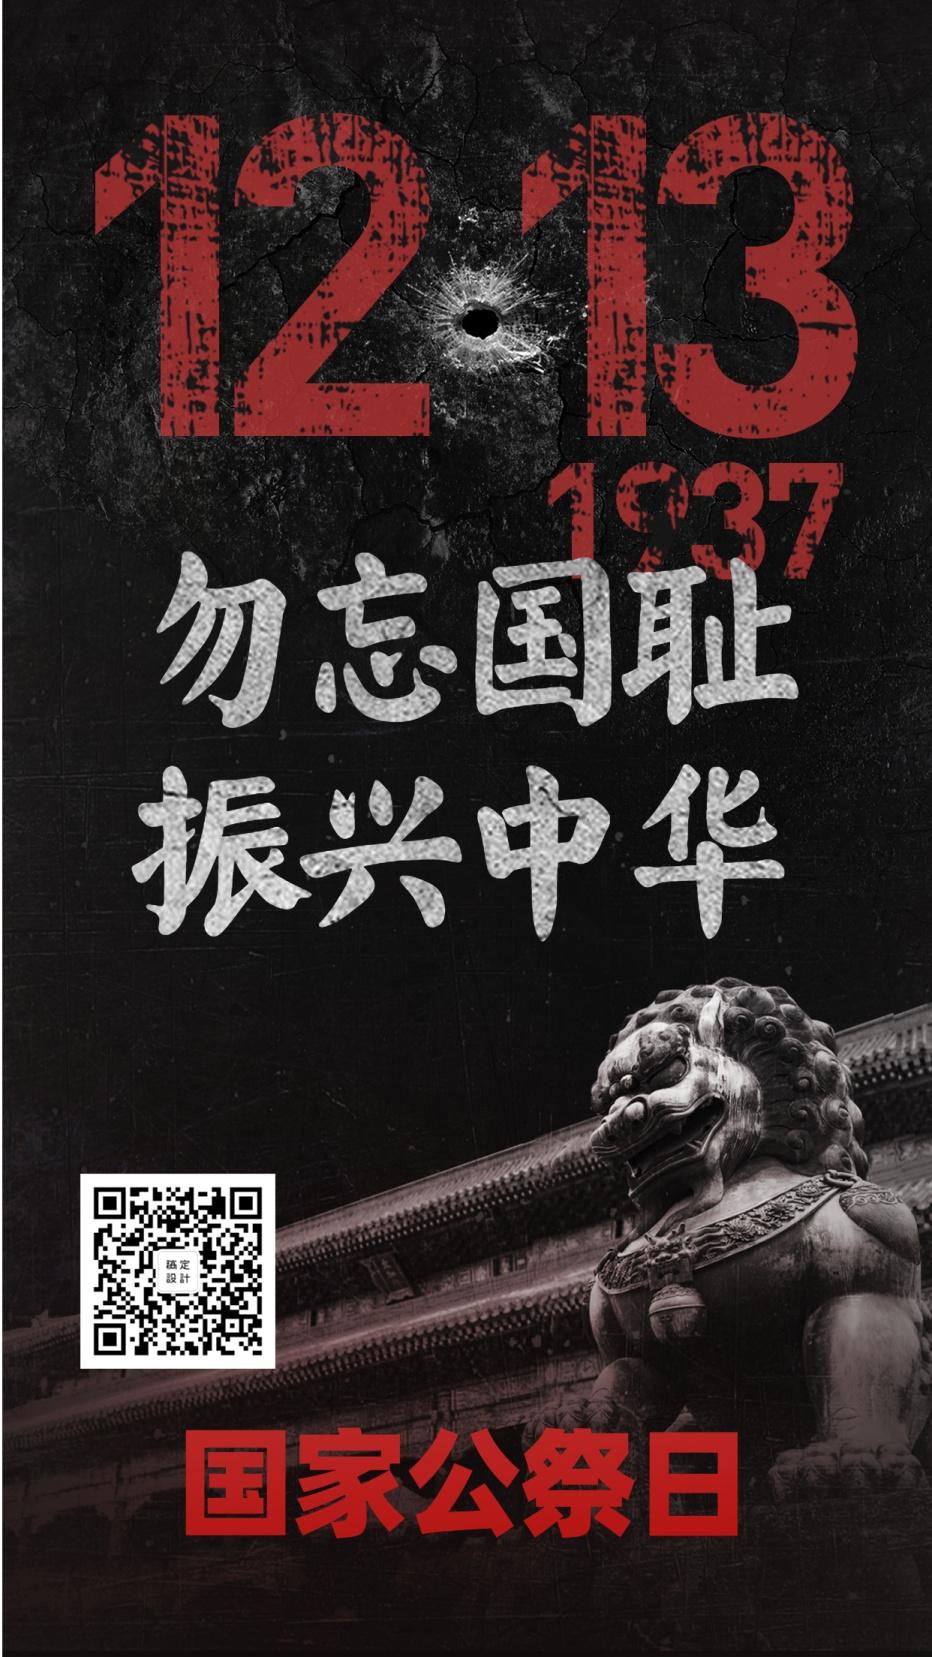 南京大屠杀国家公祭日党政手机海报